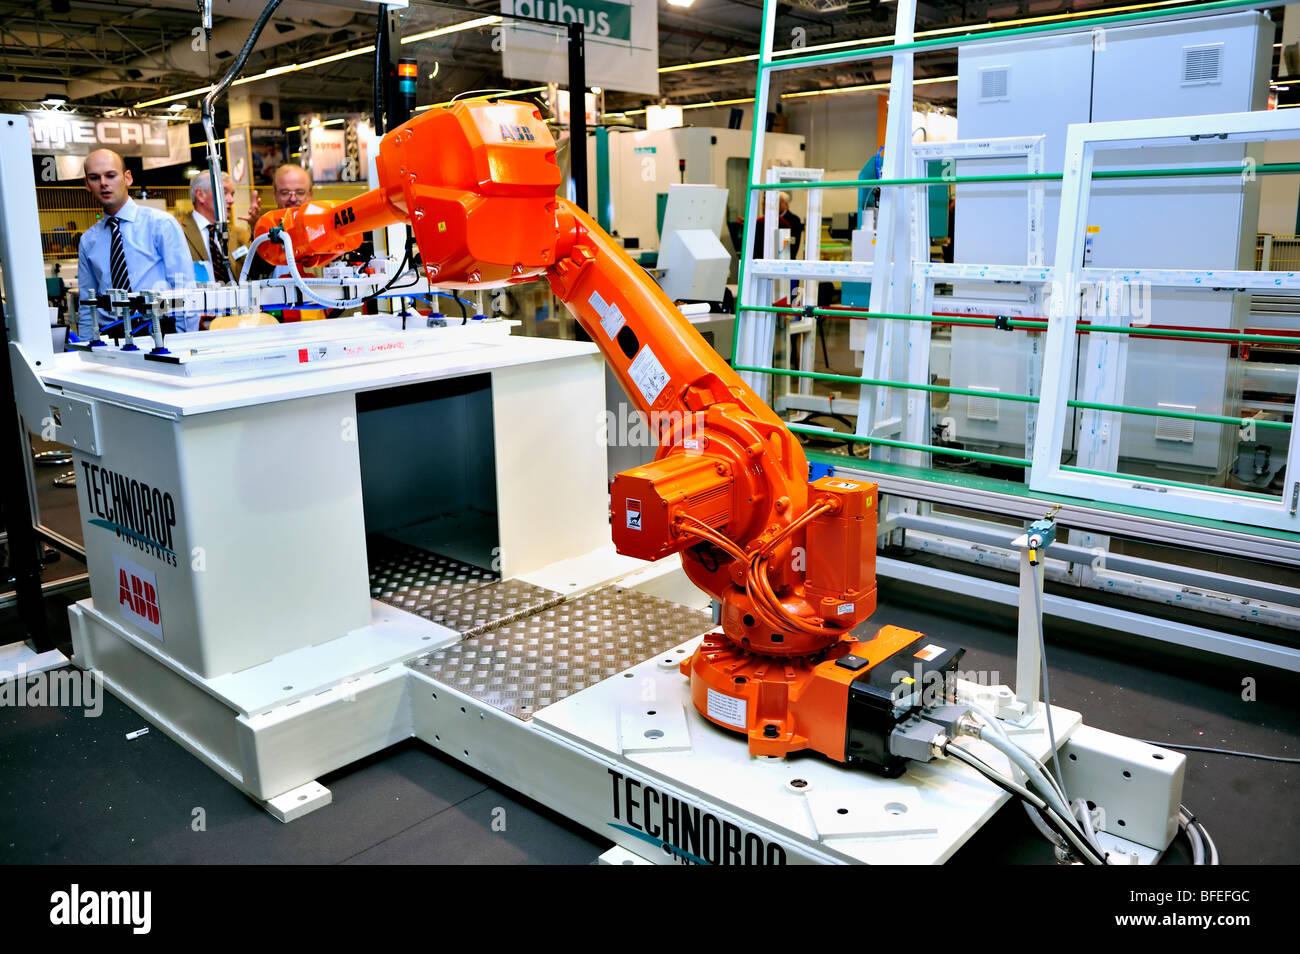 Paris, France, Inside Windows Manufacturing Factory, robot industriel, salon de l'équipement de construction, « Salon Batimat », intérieur industriel moderne Banque D'Images